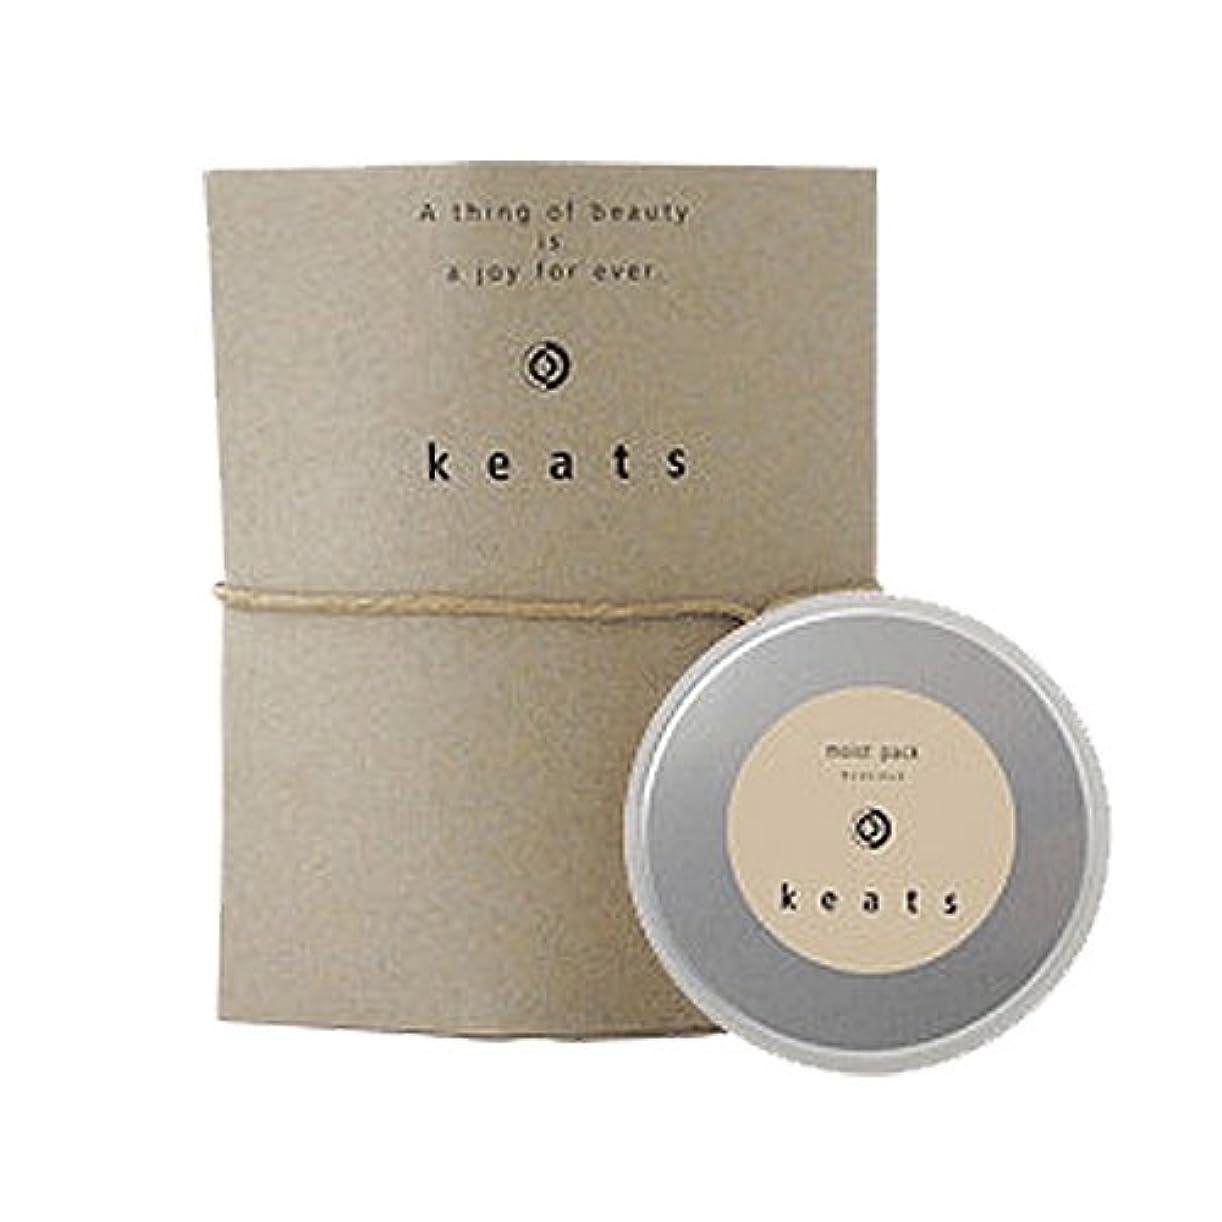 請求書銀奇妙なキーツ(keats) モイストパック 80g[並行輸入品]